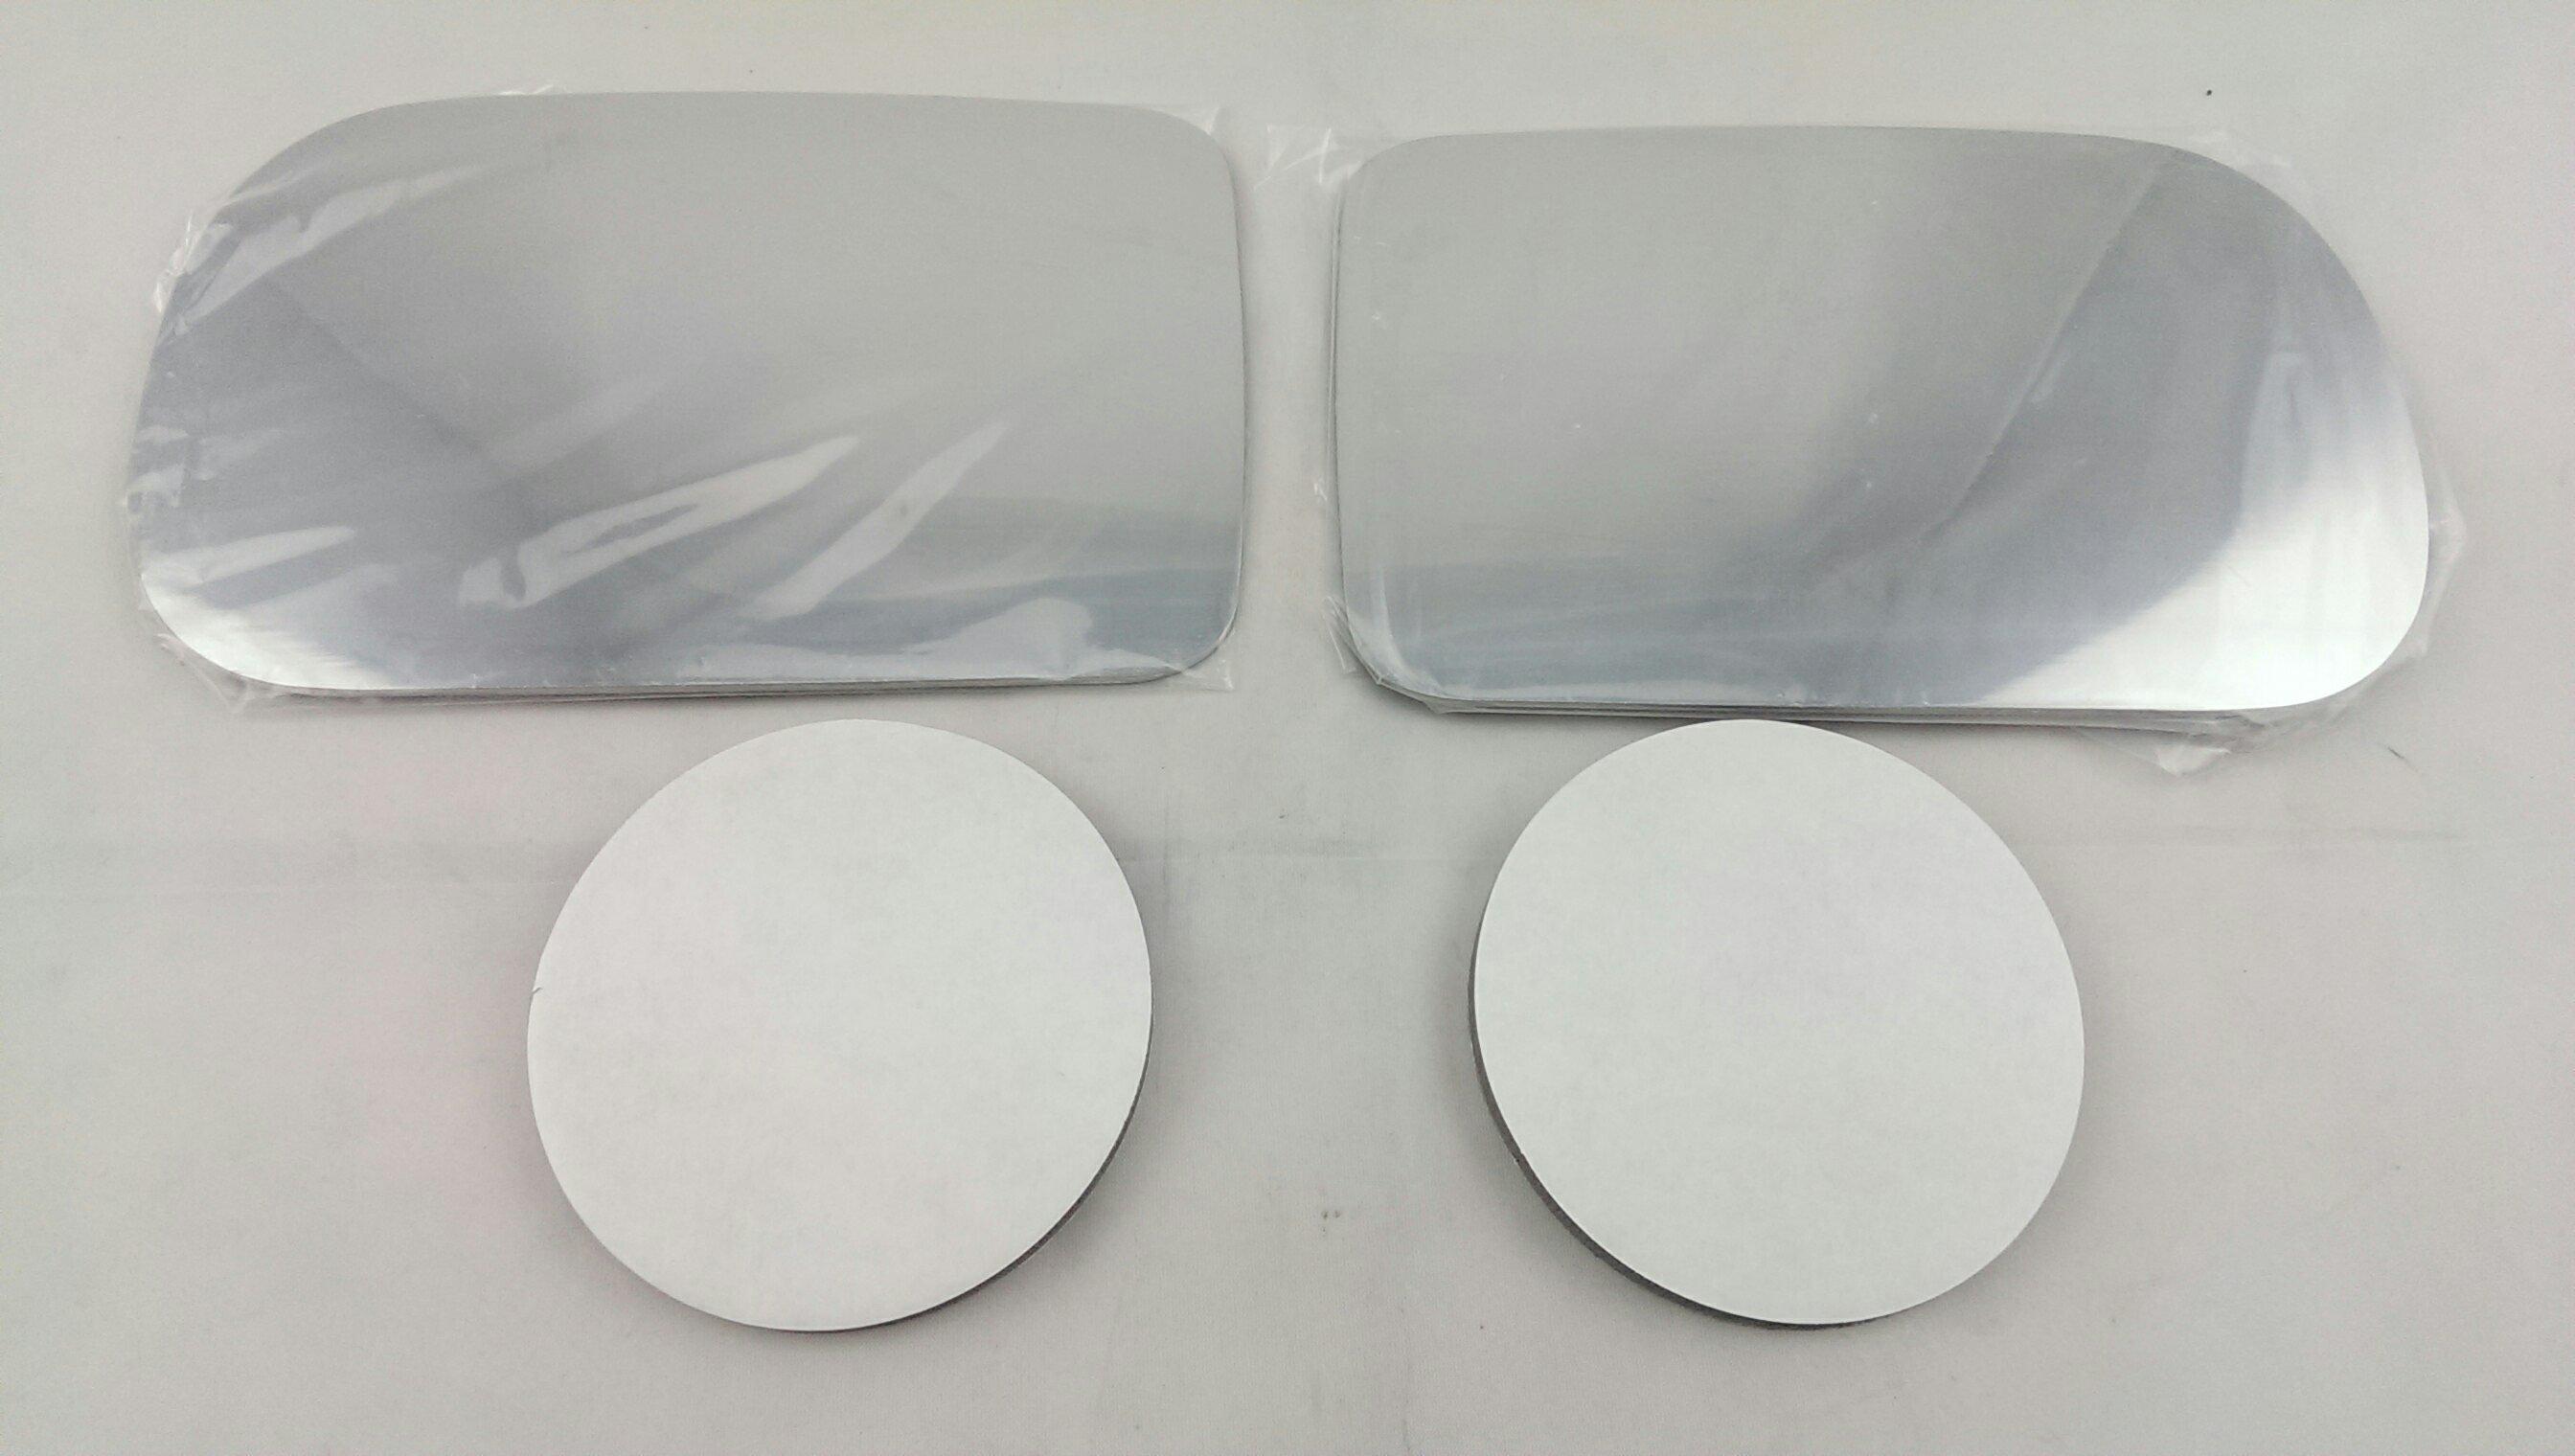 *HDS* BMW E38 E39 96-03 白鉻鏡片(一組 左+右 廣角 貼黏式) 後視鏡片 後照鏡片 後視鏡 玻璃